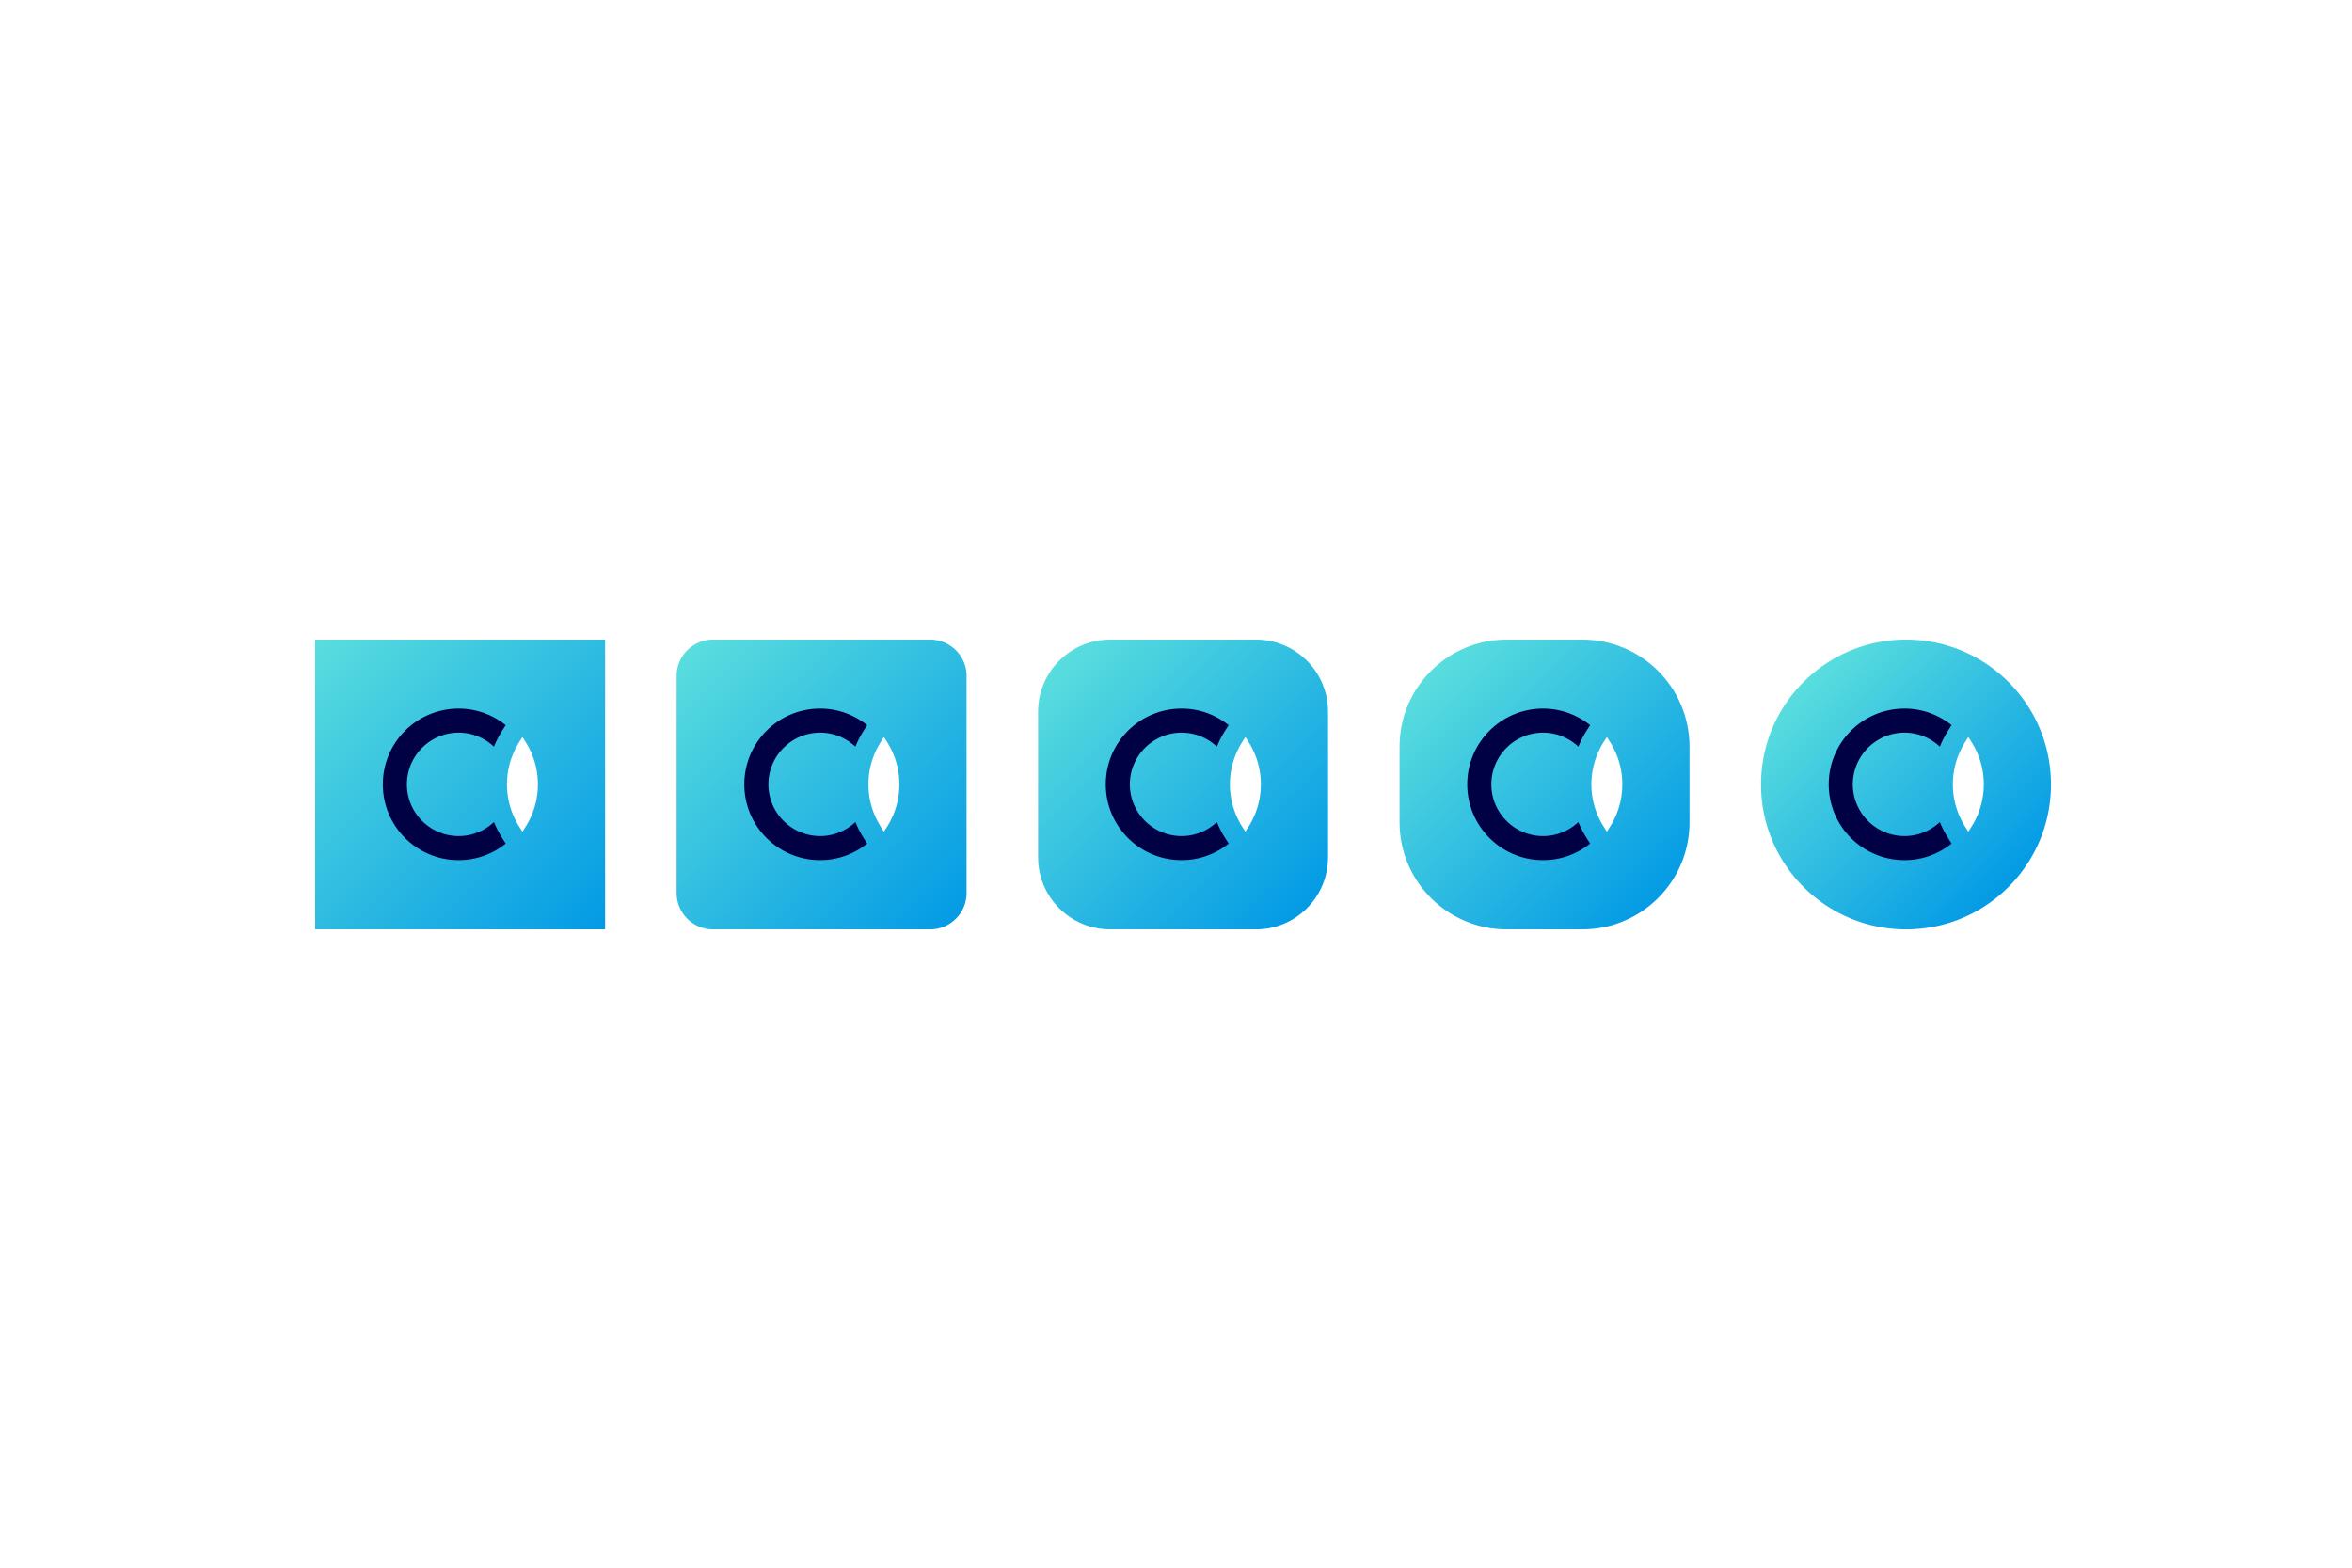 Cc Logo Icon